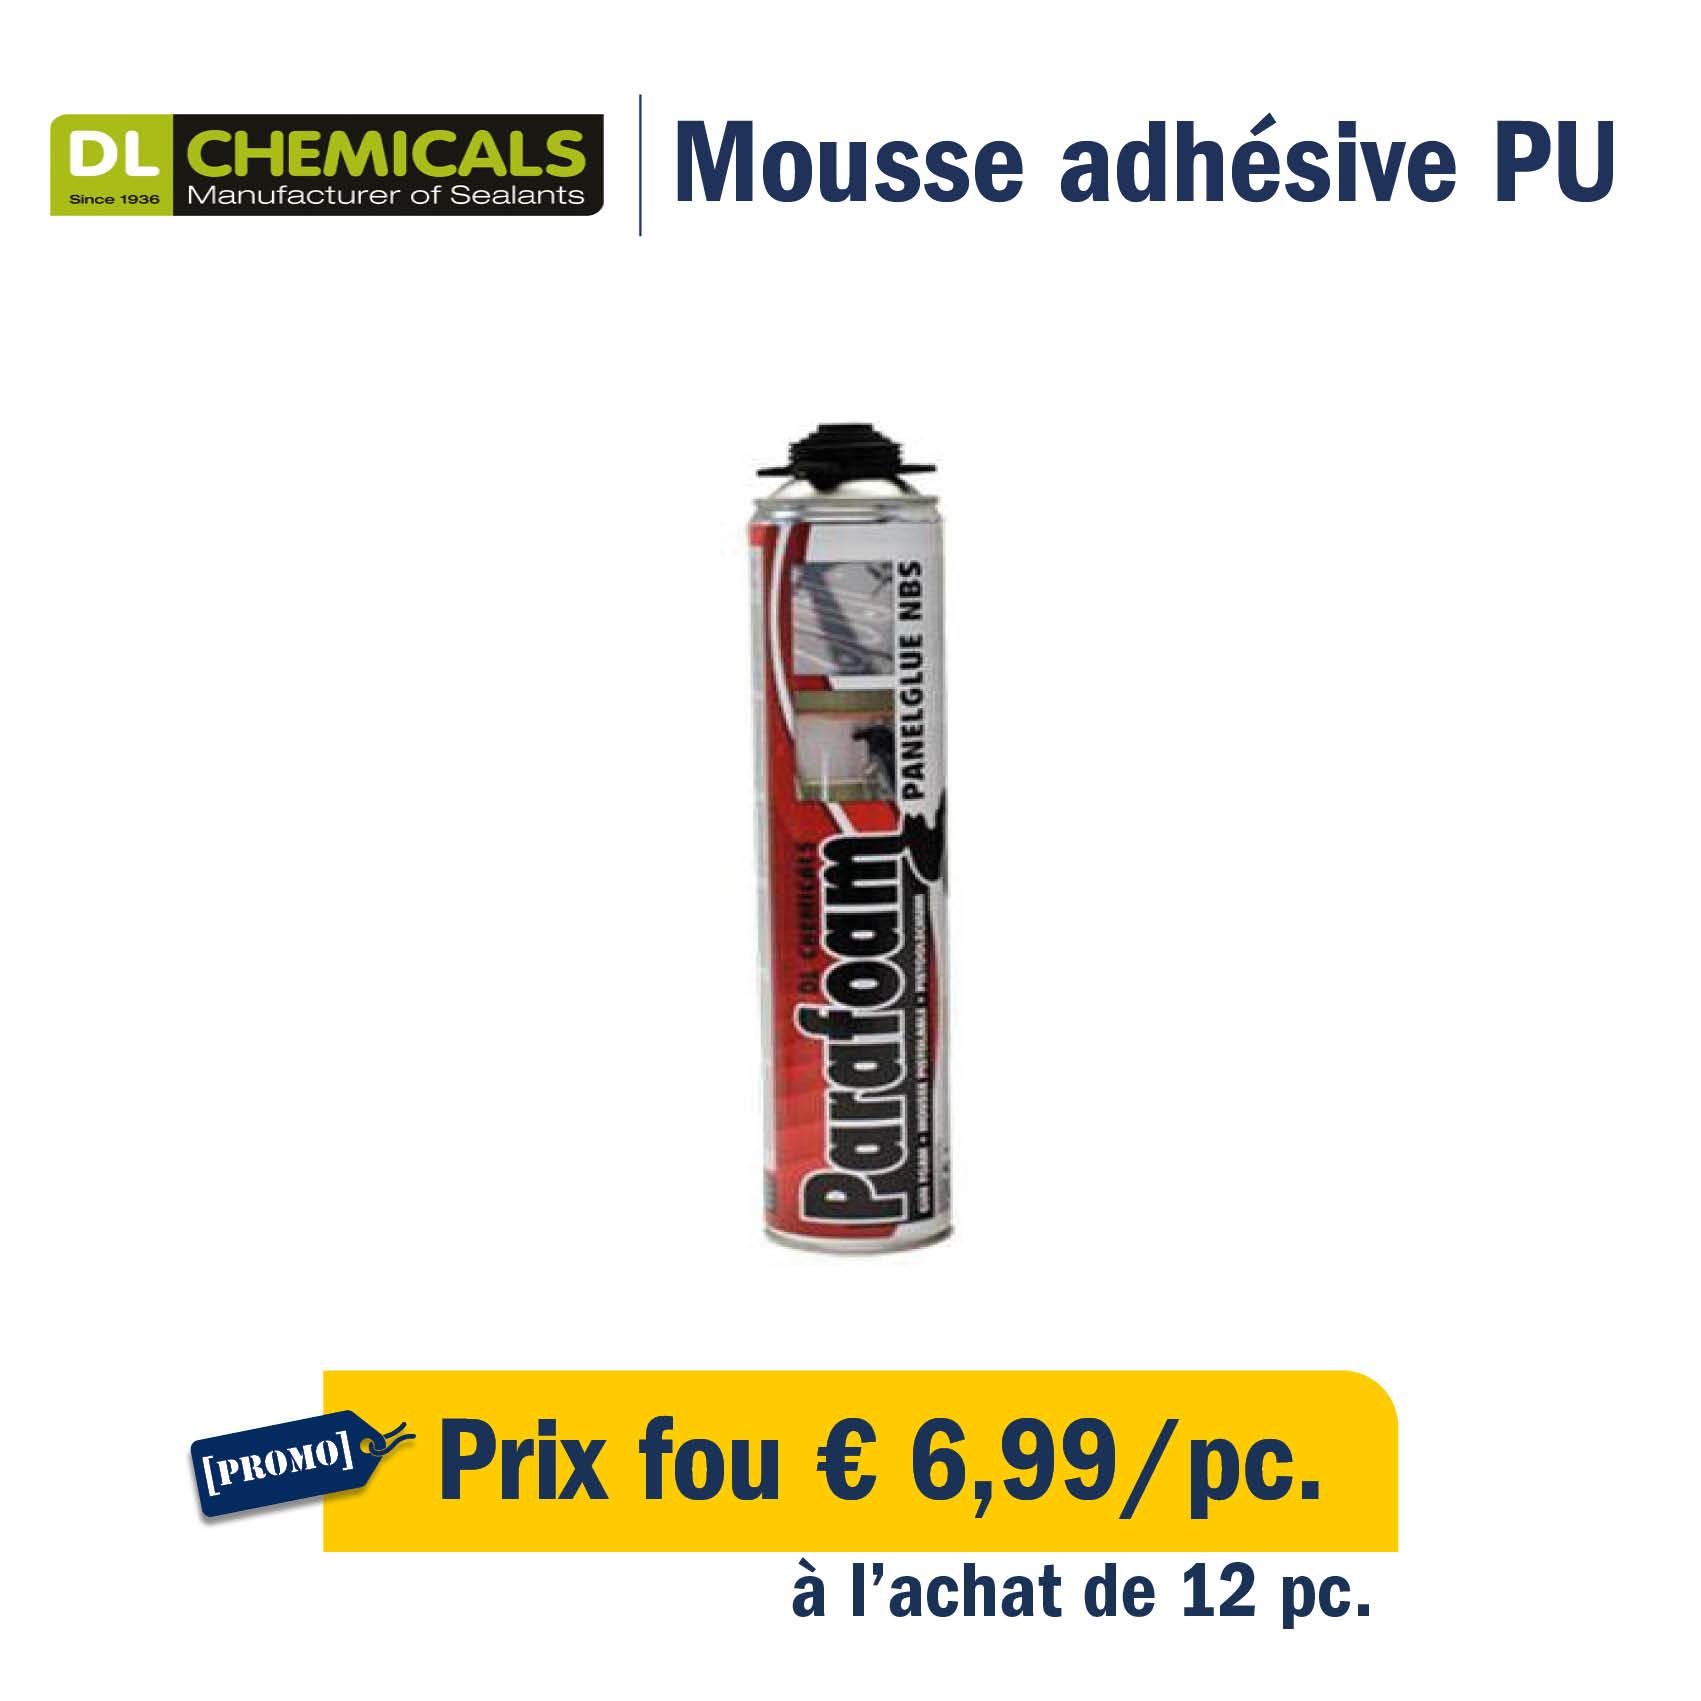 Mousse adhésive PU : prix fou €6,99/cartouche à l'achat de 12pc.